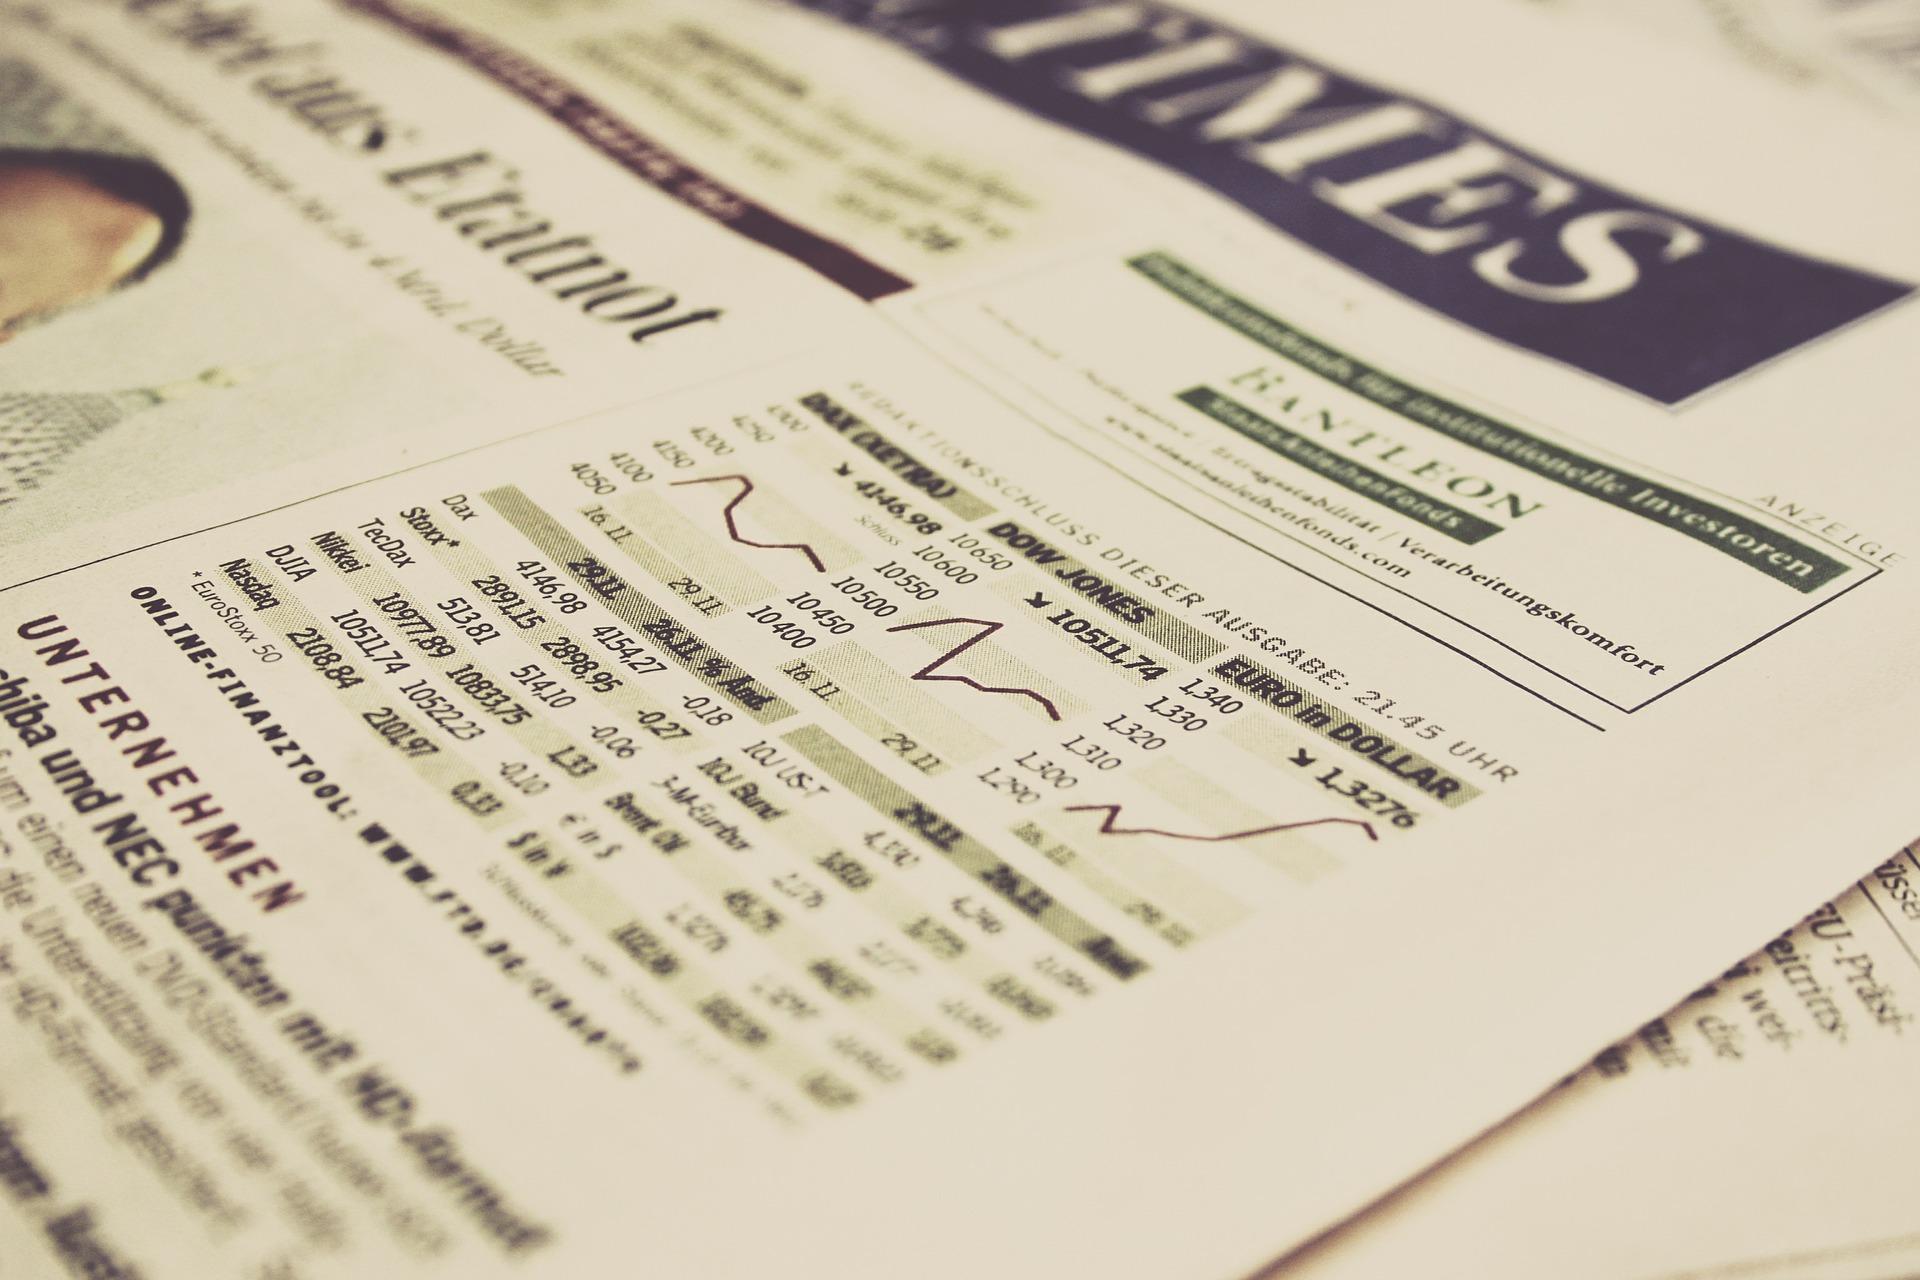 Das Bild stellt einen Auszug des Wirtschaftsteils aus einer Zeitung dar